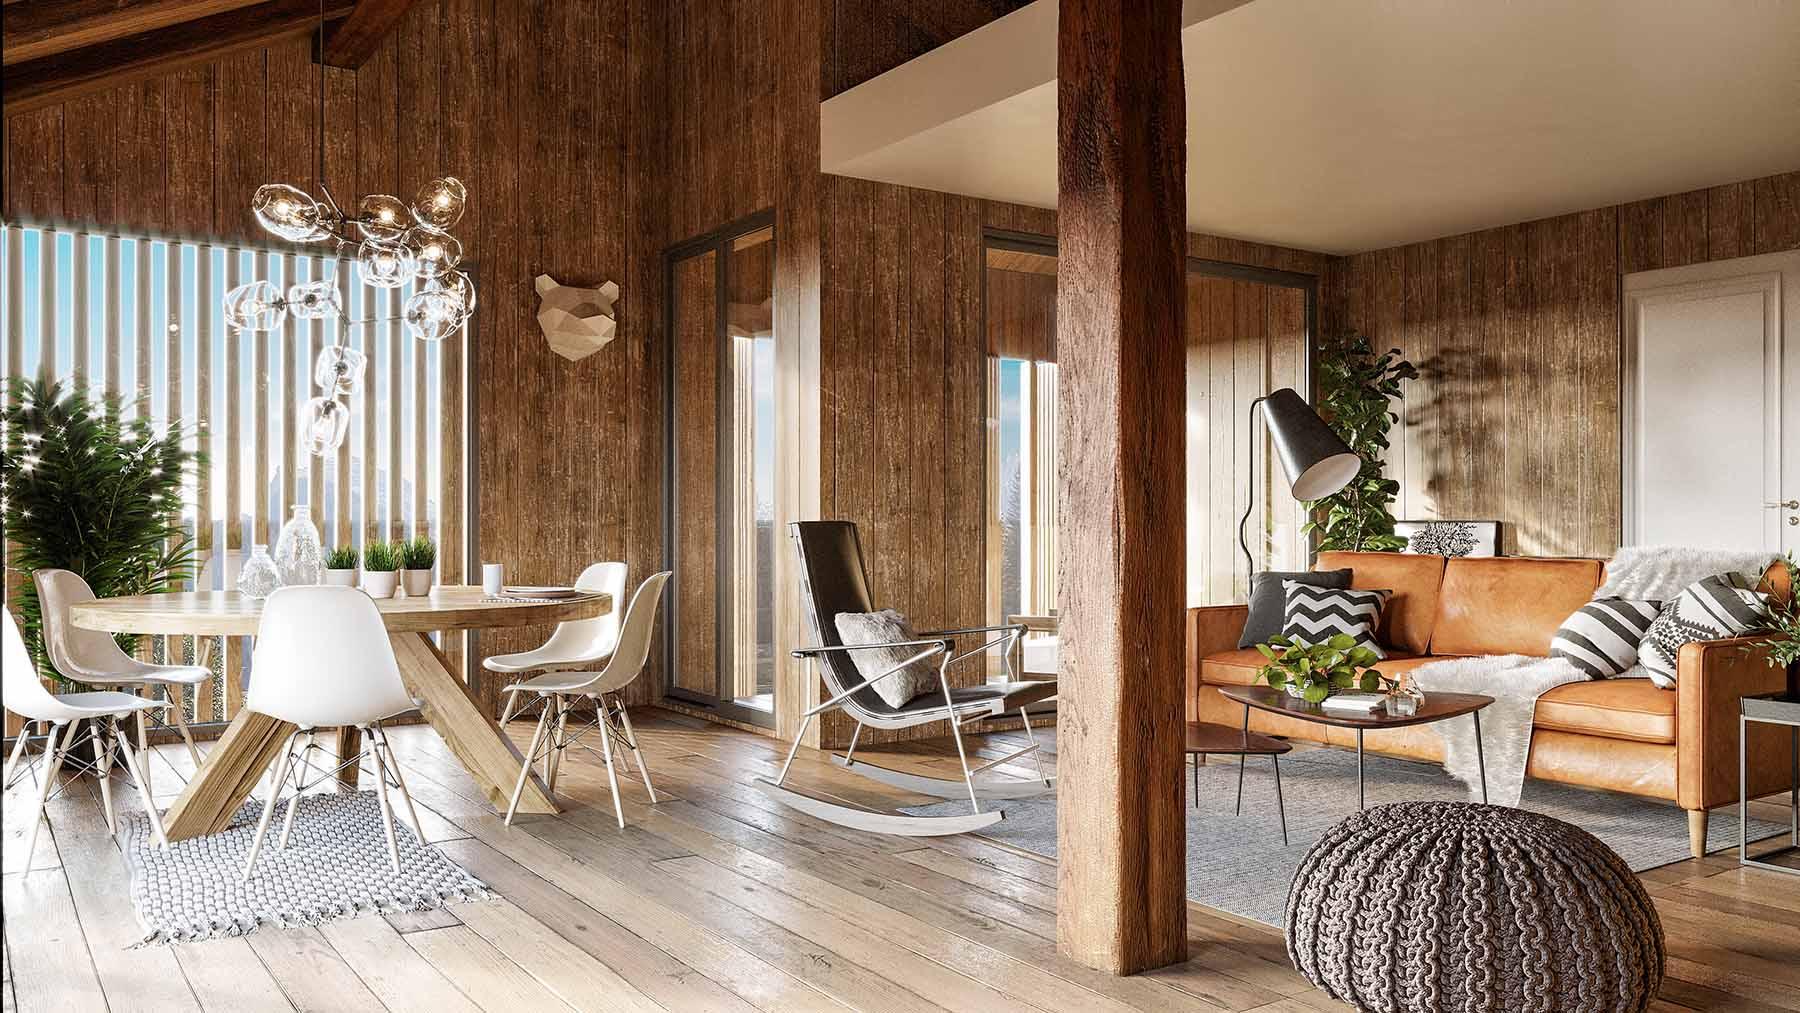 Morzn'a Lounge